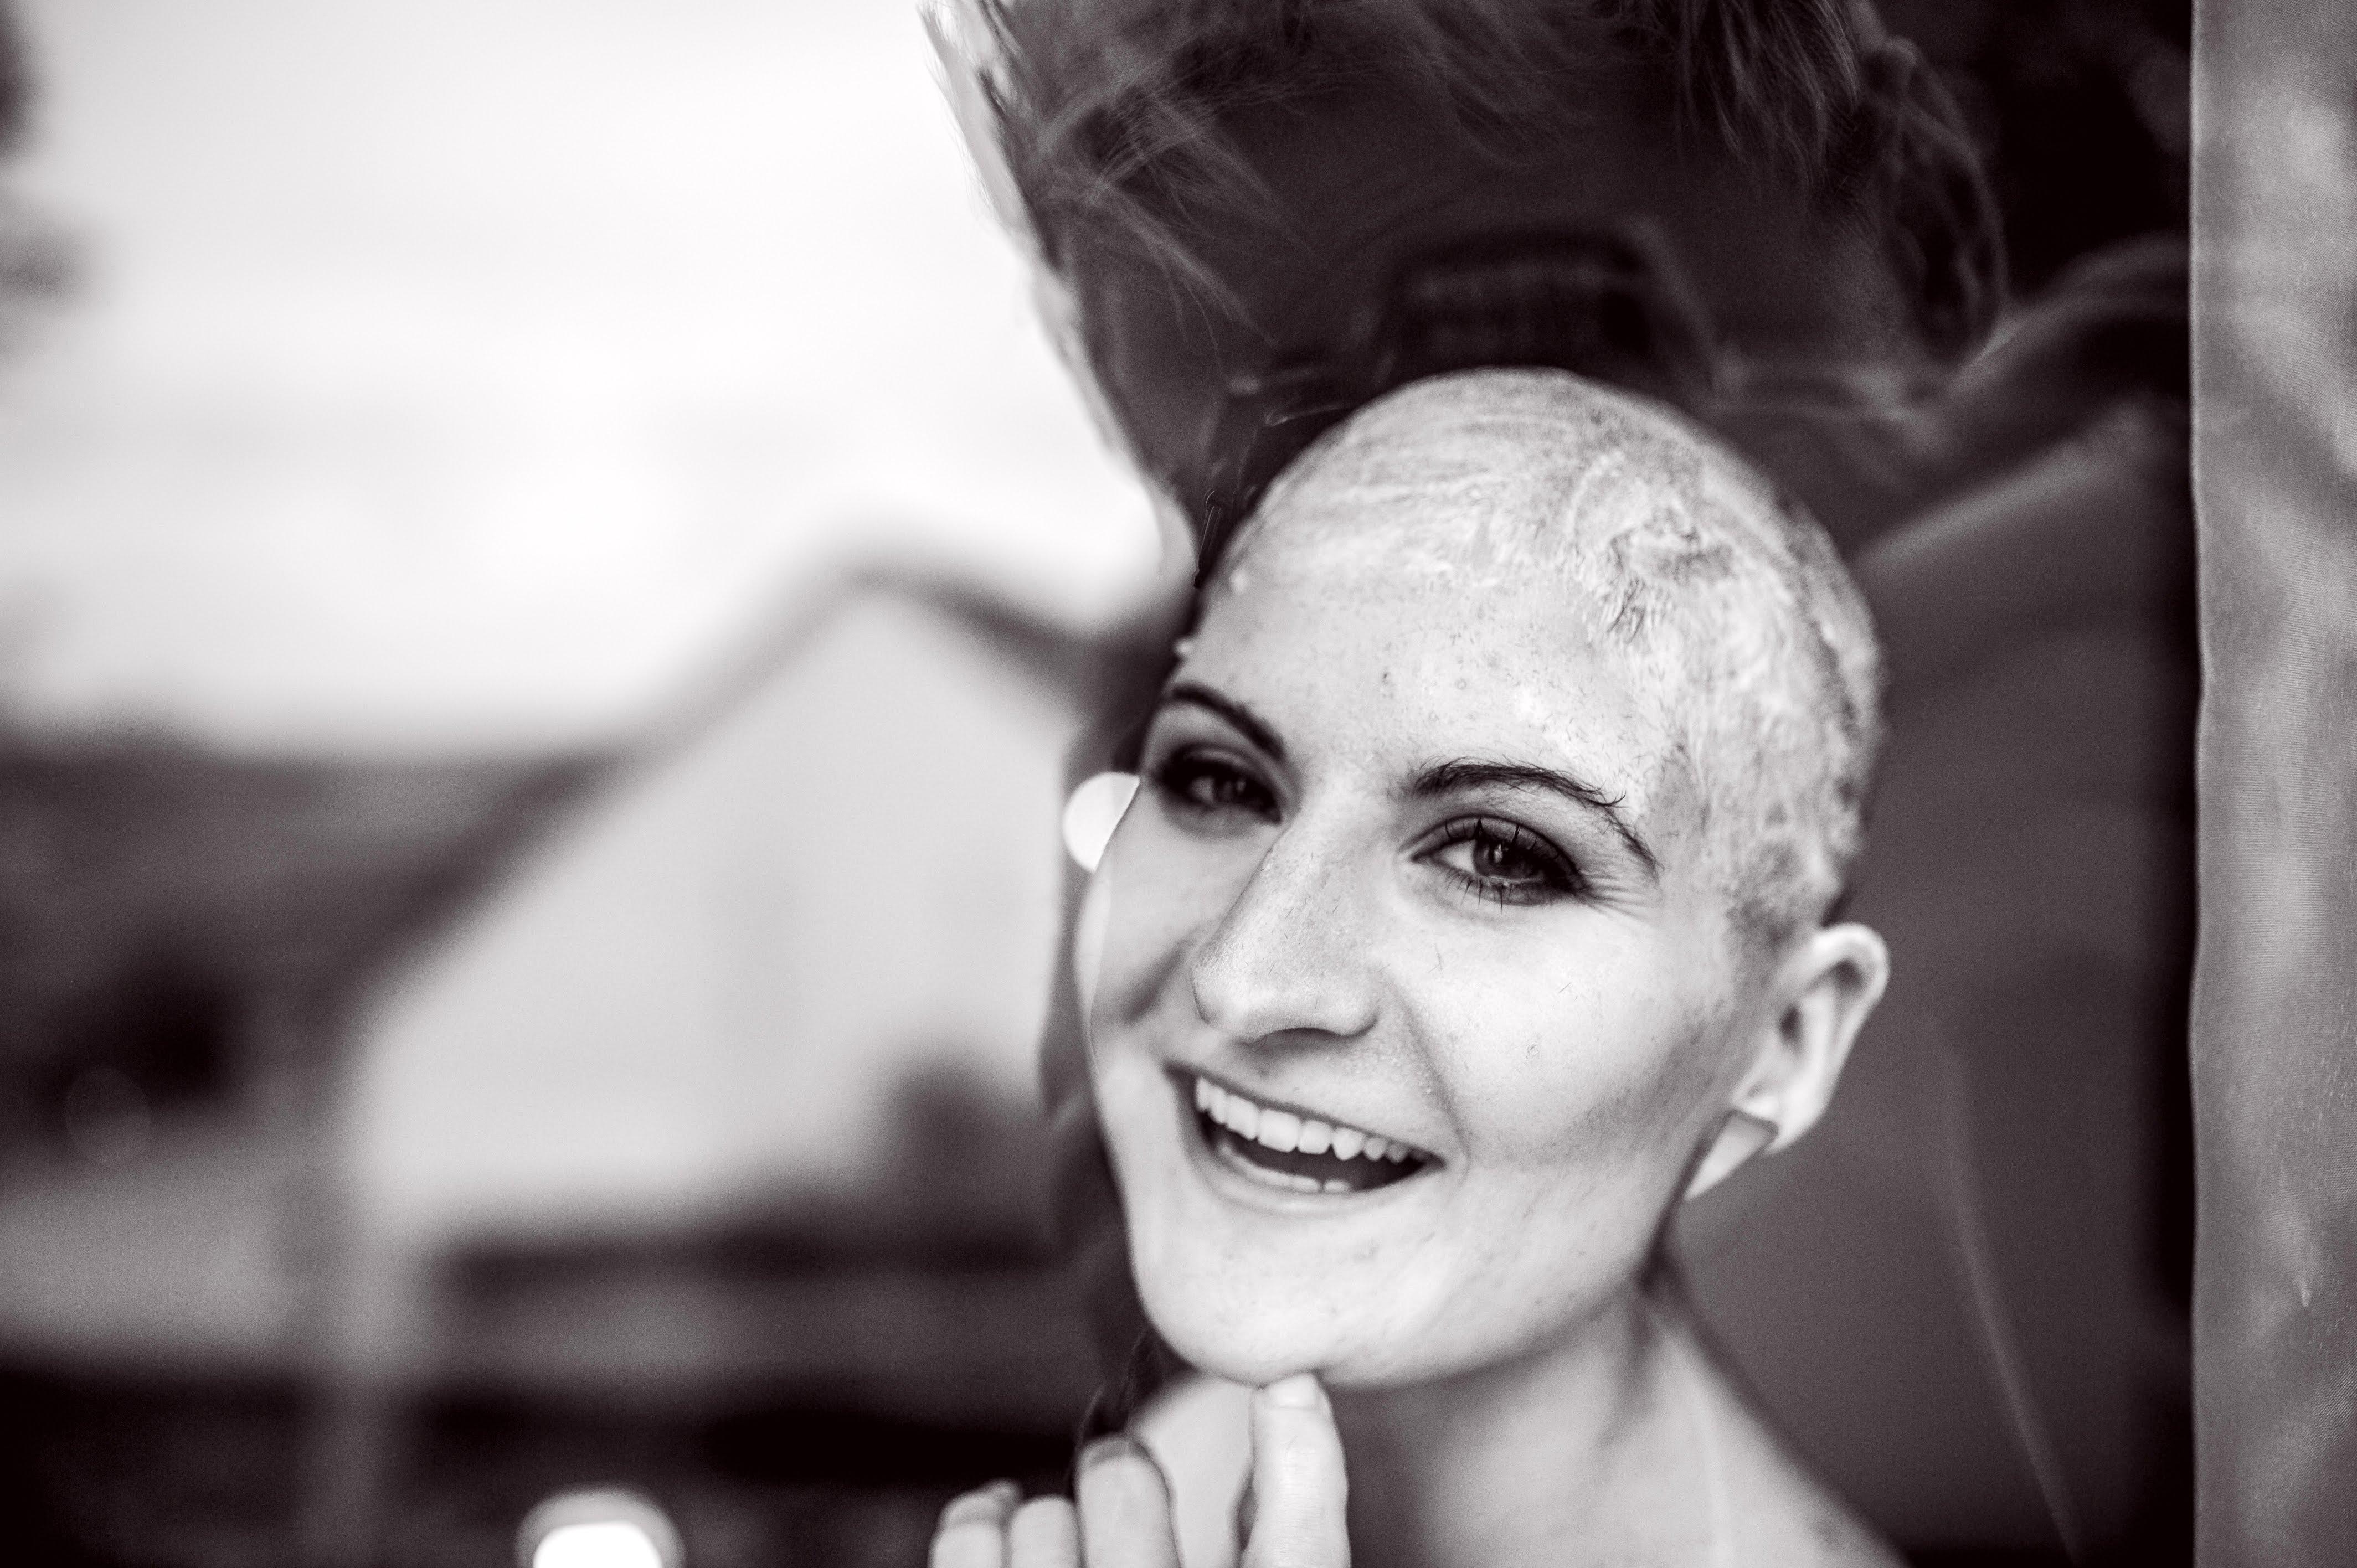 Za poskytnutou fotografii děkujeme Šárce Šteinochrové z projektu Maminy s rakovinou, z. s.